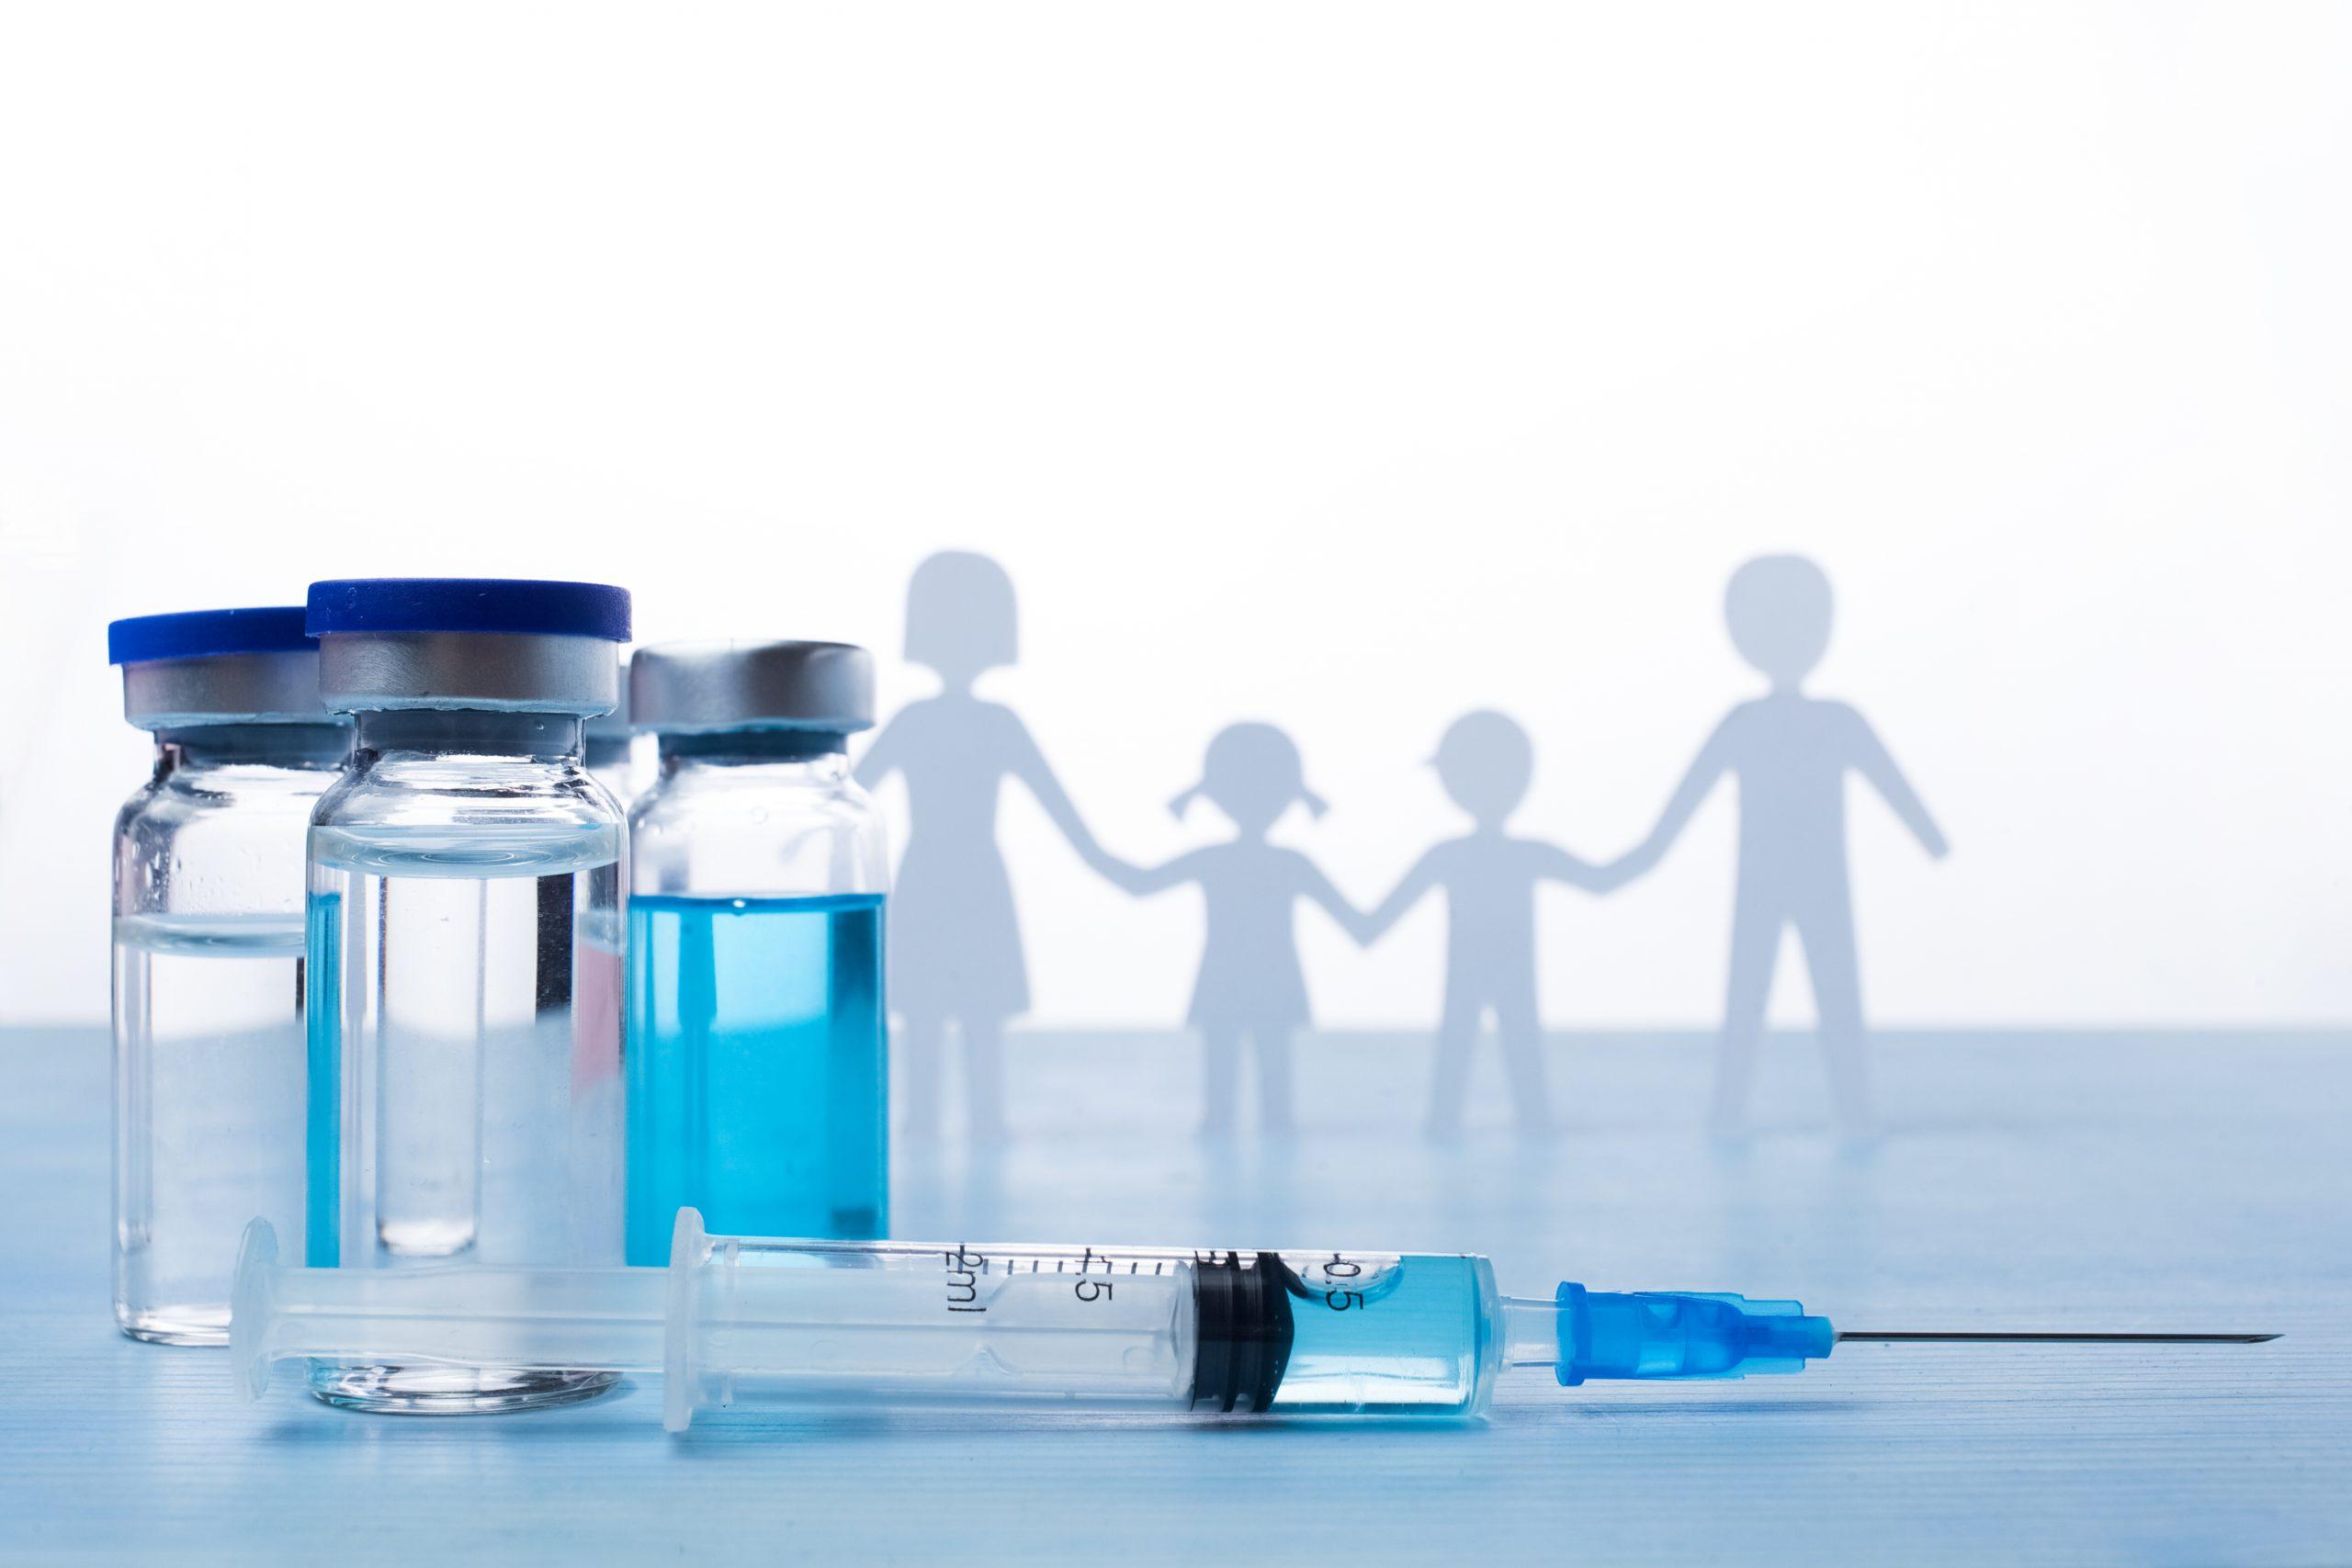 Tények és tévhitek a HPV elleni védőoltásról